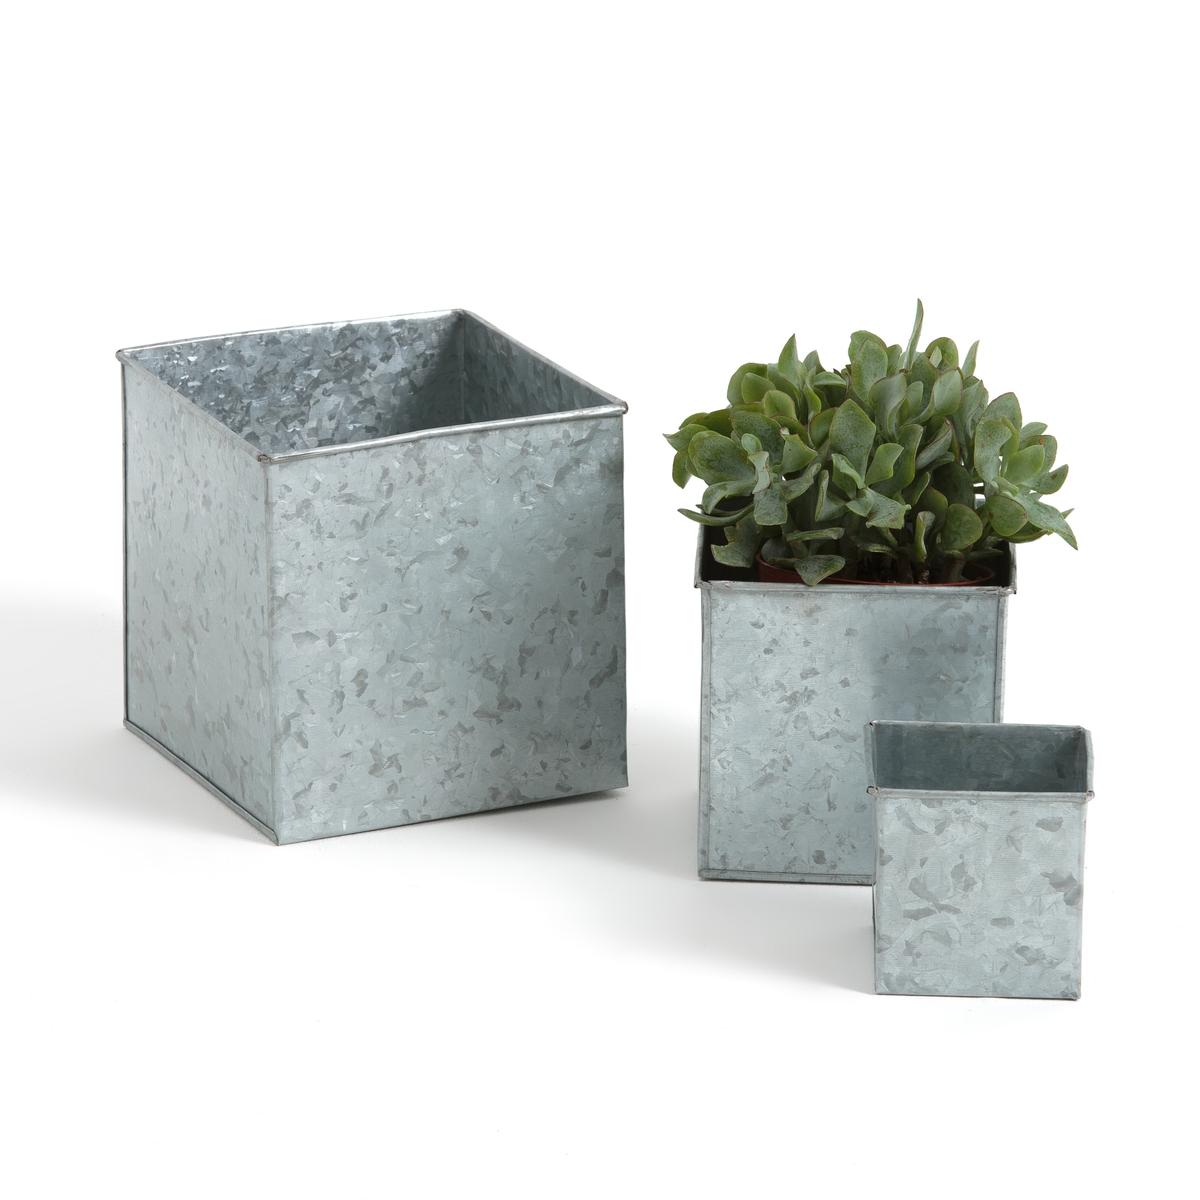 3 коробки из оцинкованного металлаОписание:3 коробки из оцинкованного металла La Redoute Interieurs .Описание 3 коробок из оцинкованного металла : • 3 коробки из оцинкованного металла  •  3 коробки разного размера Размеры комплекта :• 20 x 20 x 20 см • 15 x 15 x 15 см  • 10 x 10 x 10 см Всю коллекцию Вы можете найти на сайте laredoute.ru 3 коробки из оцинкованного металла продаются в собранном виде .Размеры и вес ящика :1 упаковка• 23x23xH24 см 1.8 кг<br><br>Цвет: металл серебристый